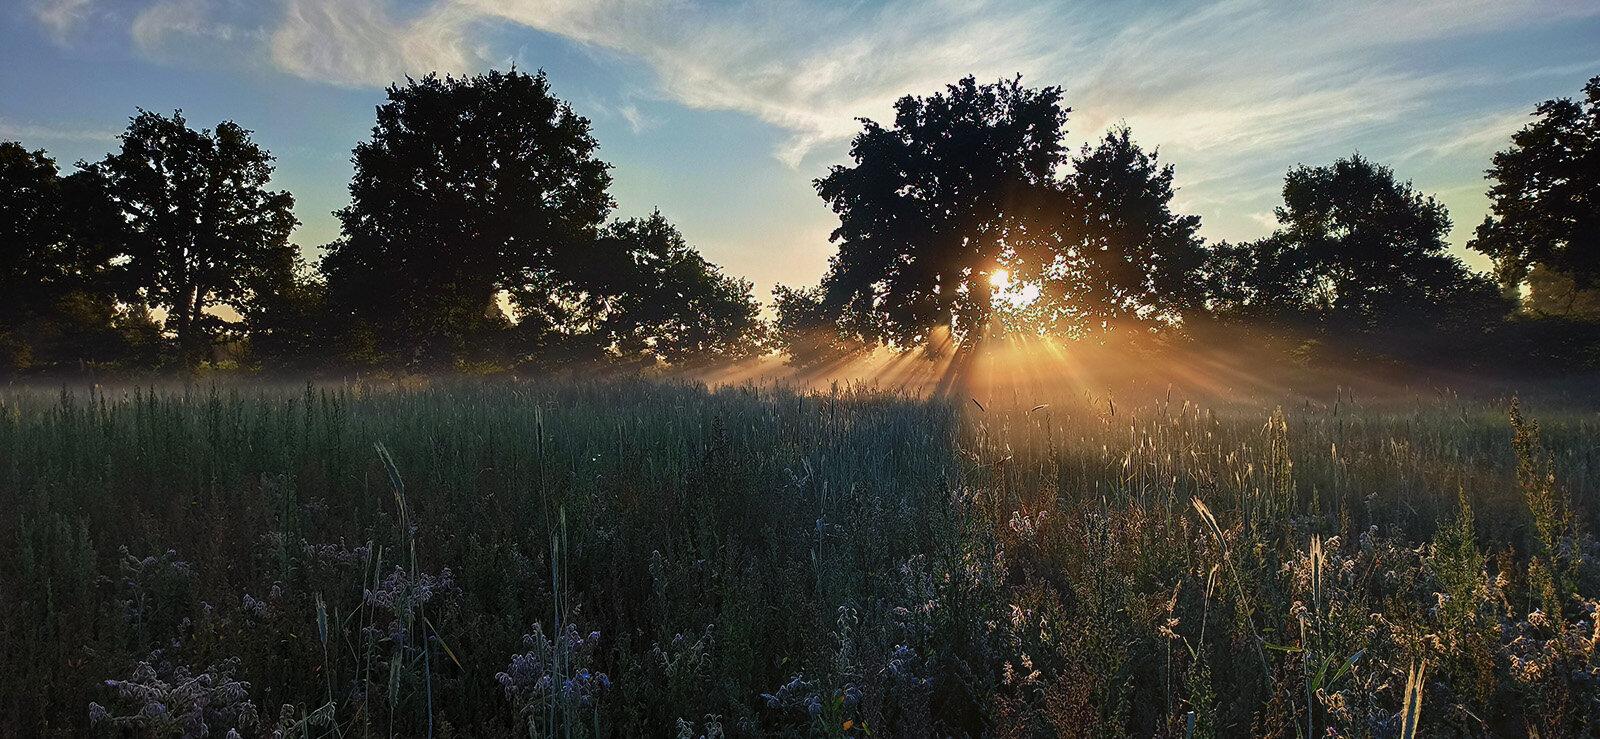 Zomers landschap bij zonsopgang